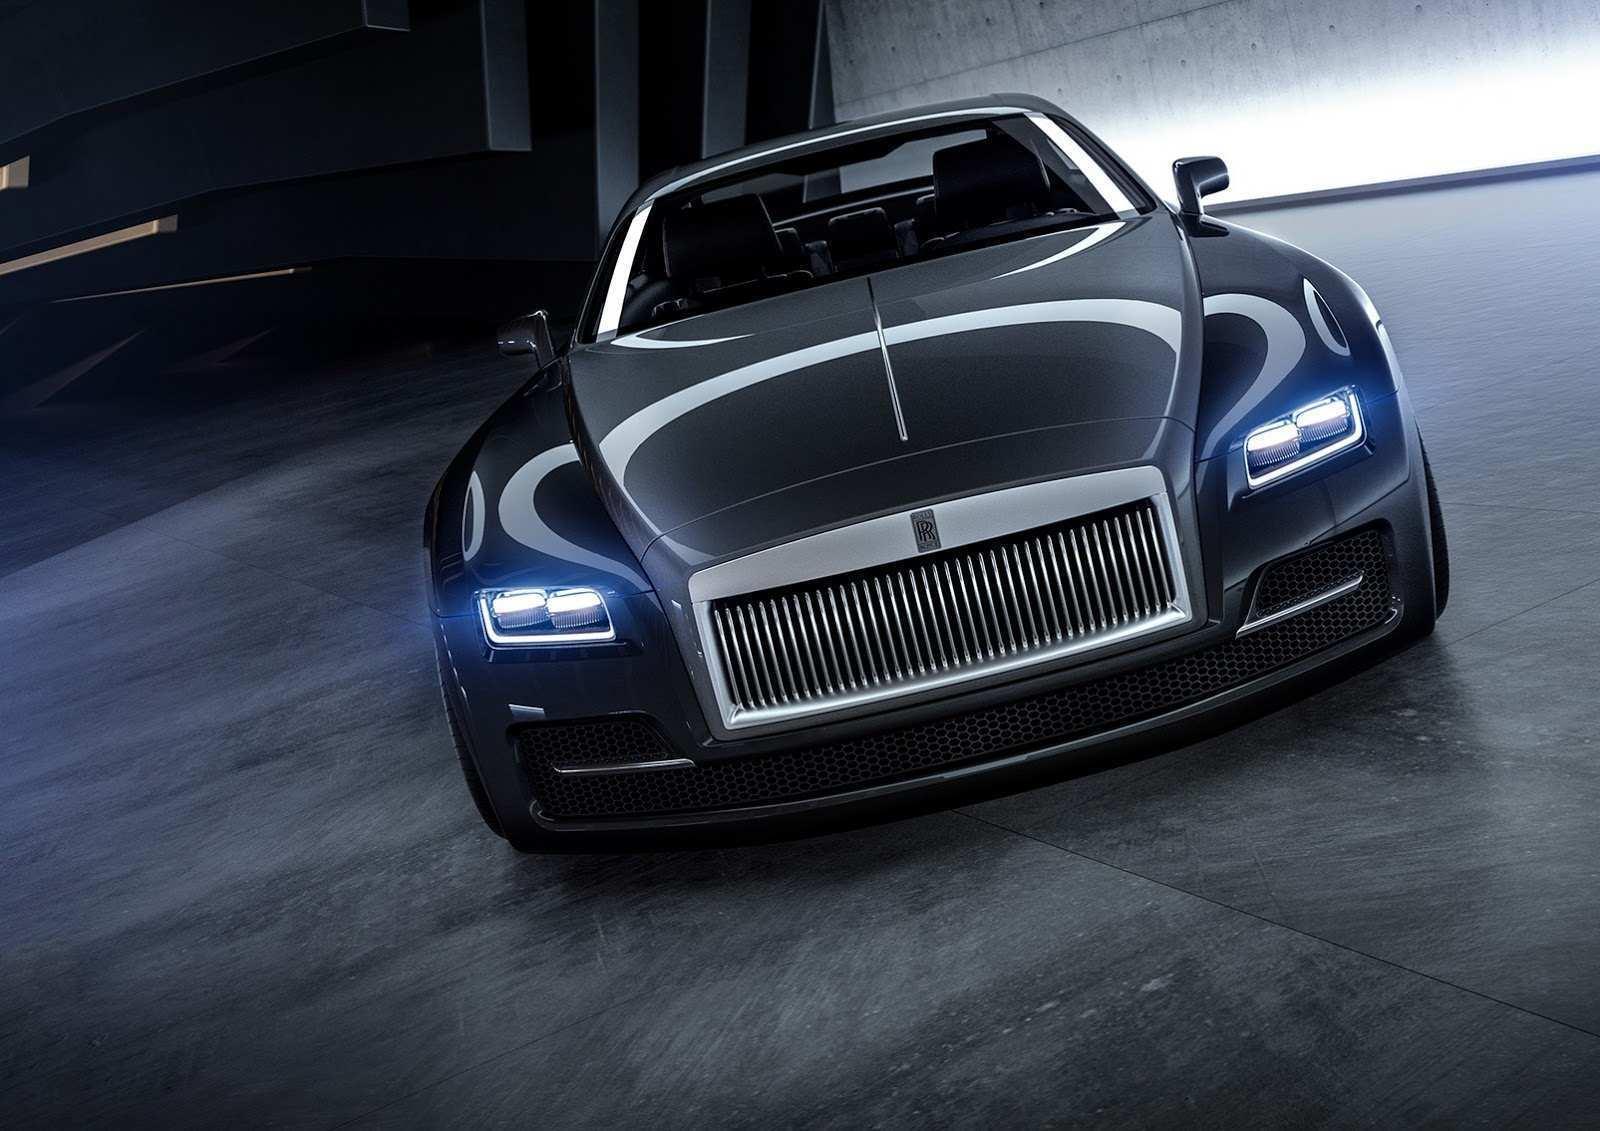 28 Best Review 2020 Rolls Royce Phantoms Wallpaper with 2020 Rolls Royce Phantoms